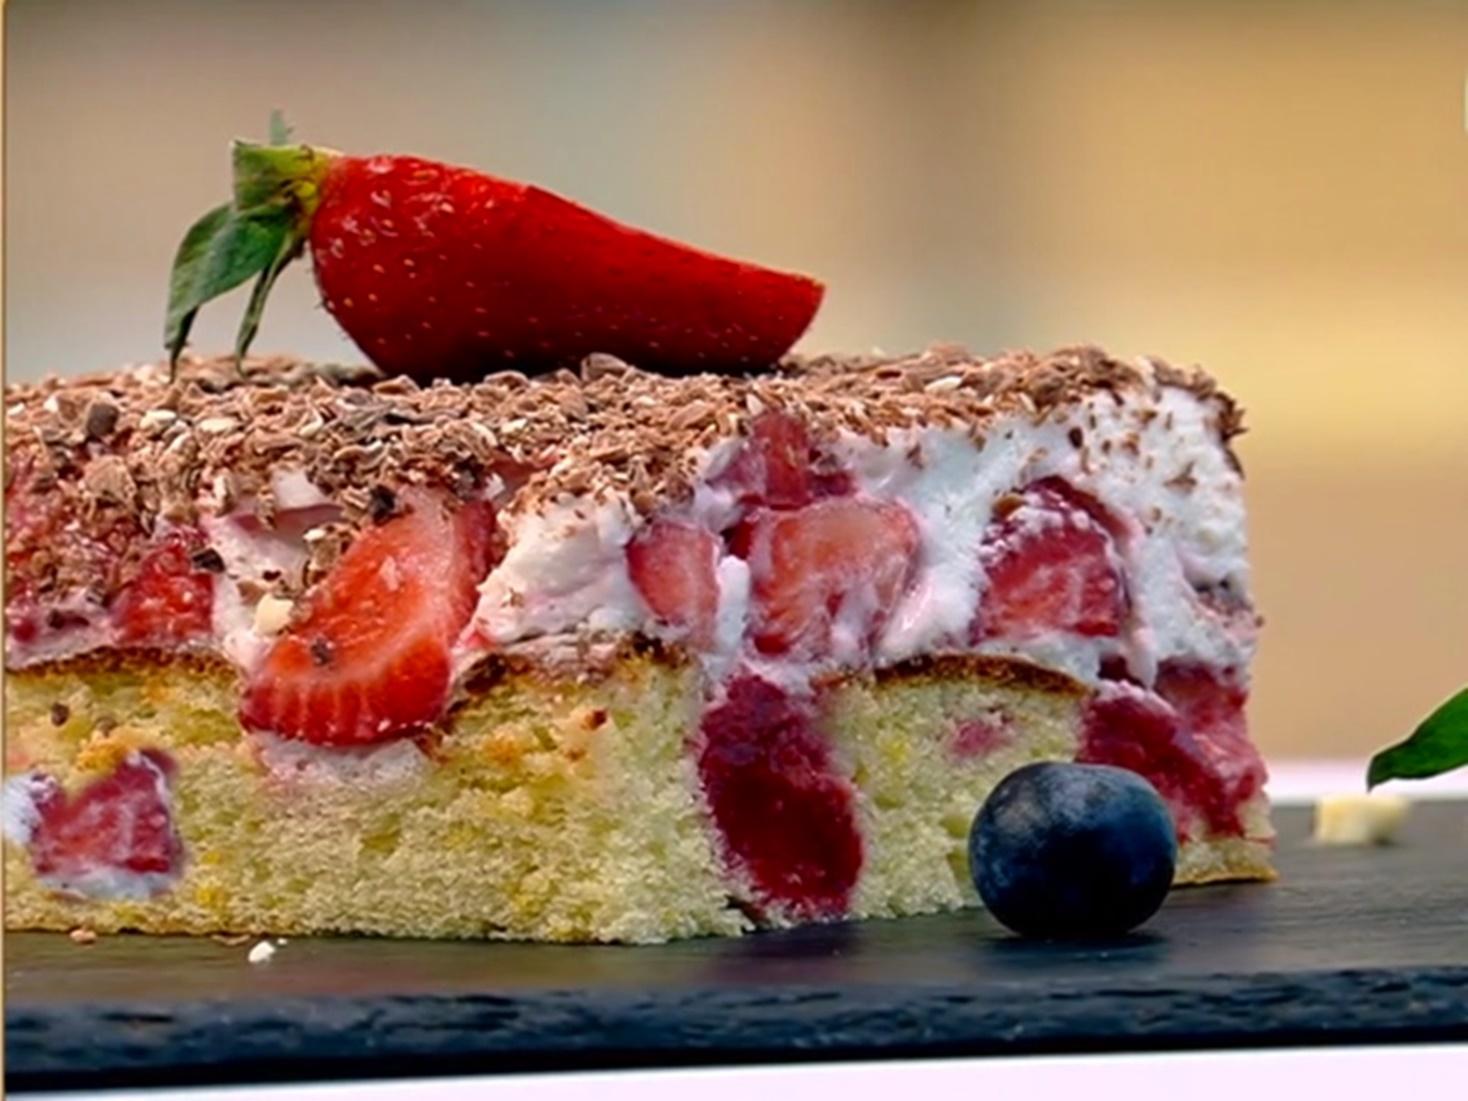 Desert de sezon cu căpșuni. Rețetă de prăjitură cu multe căpșuni, frișcă și ciocolată